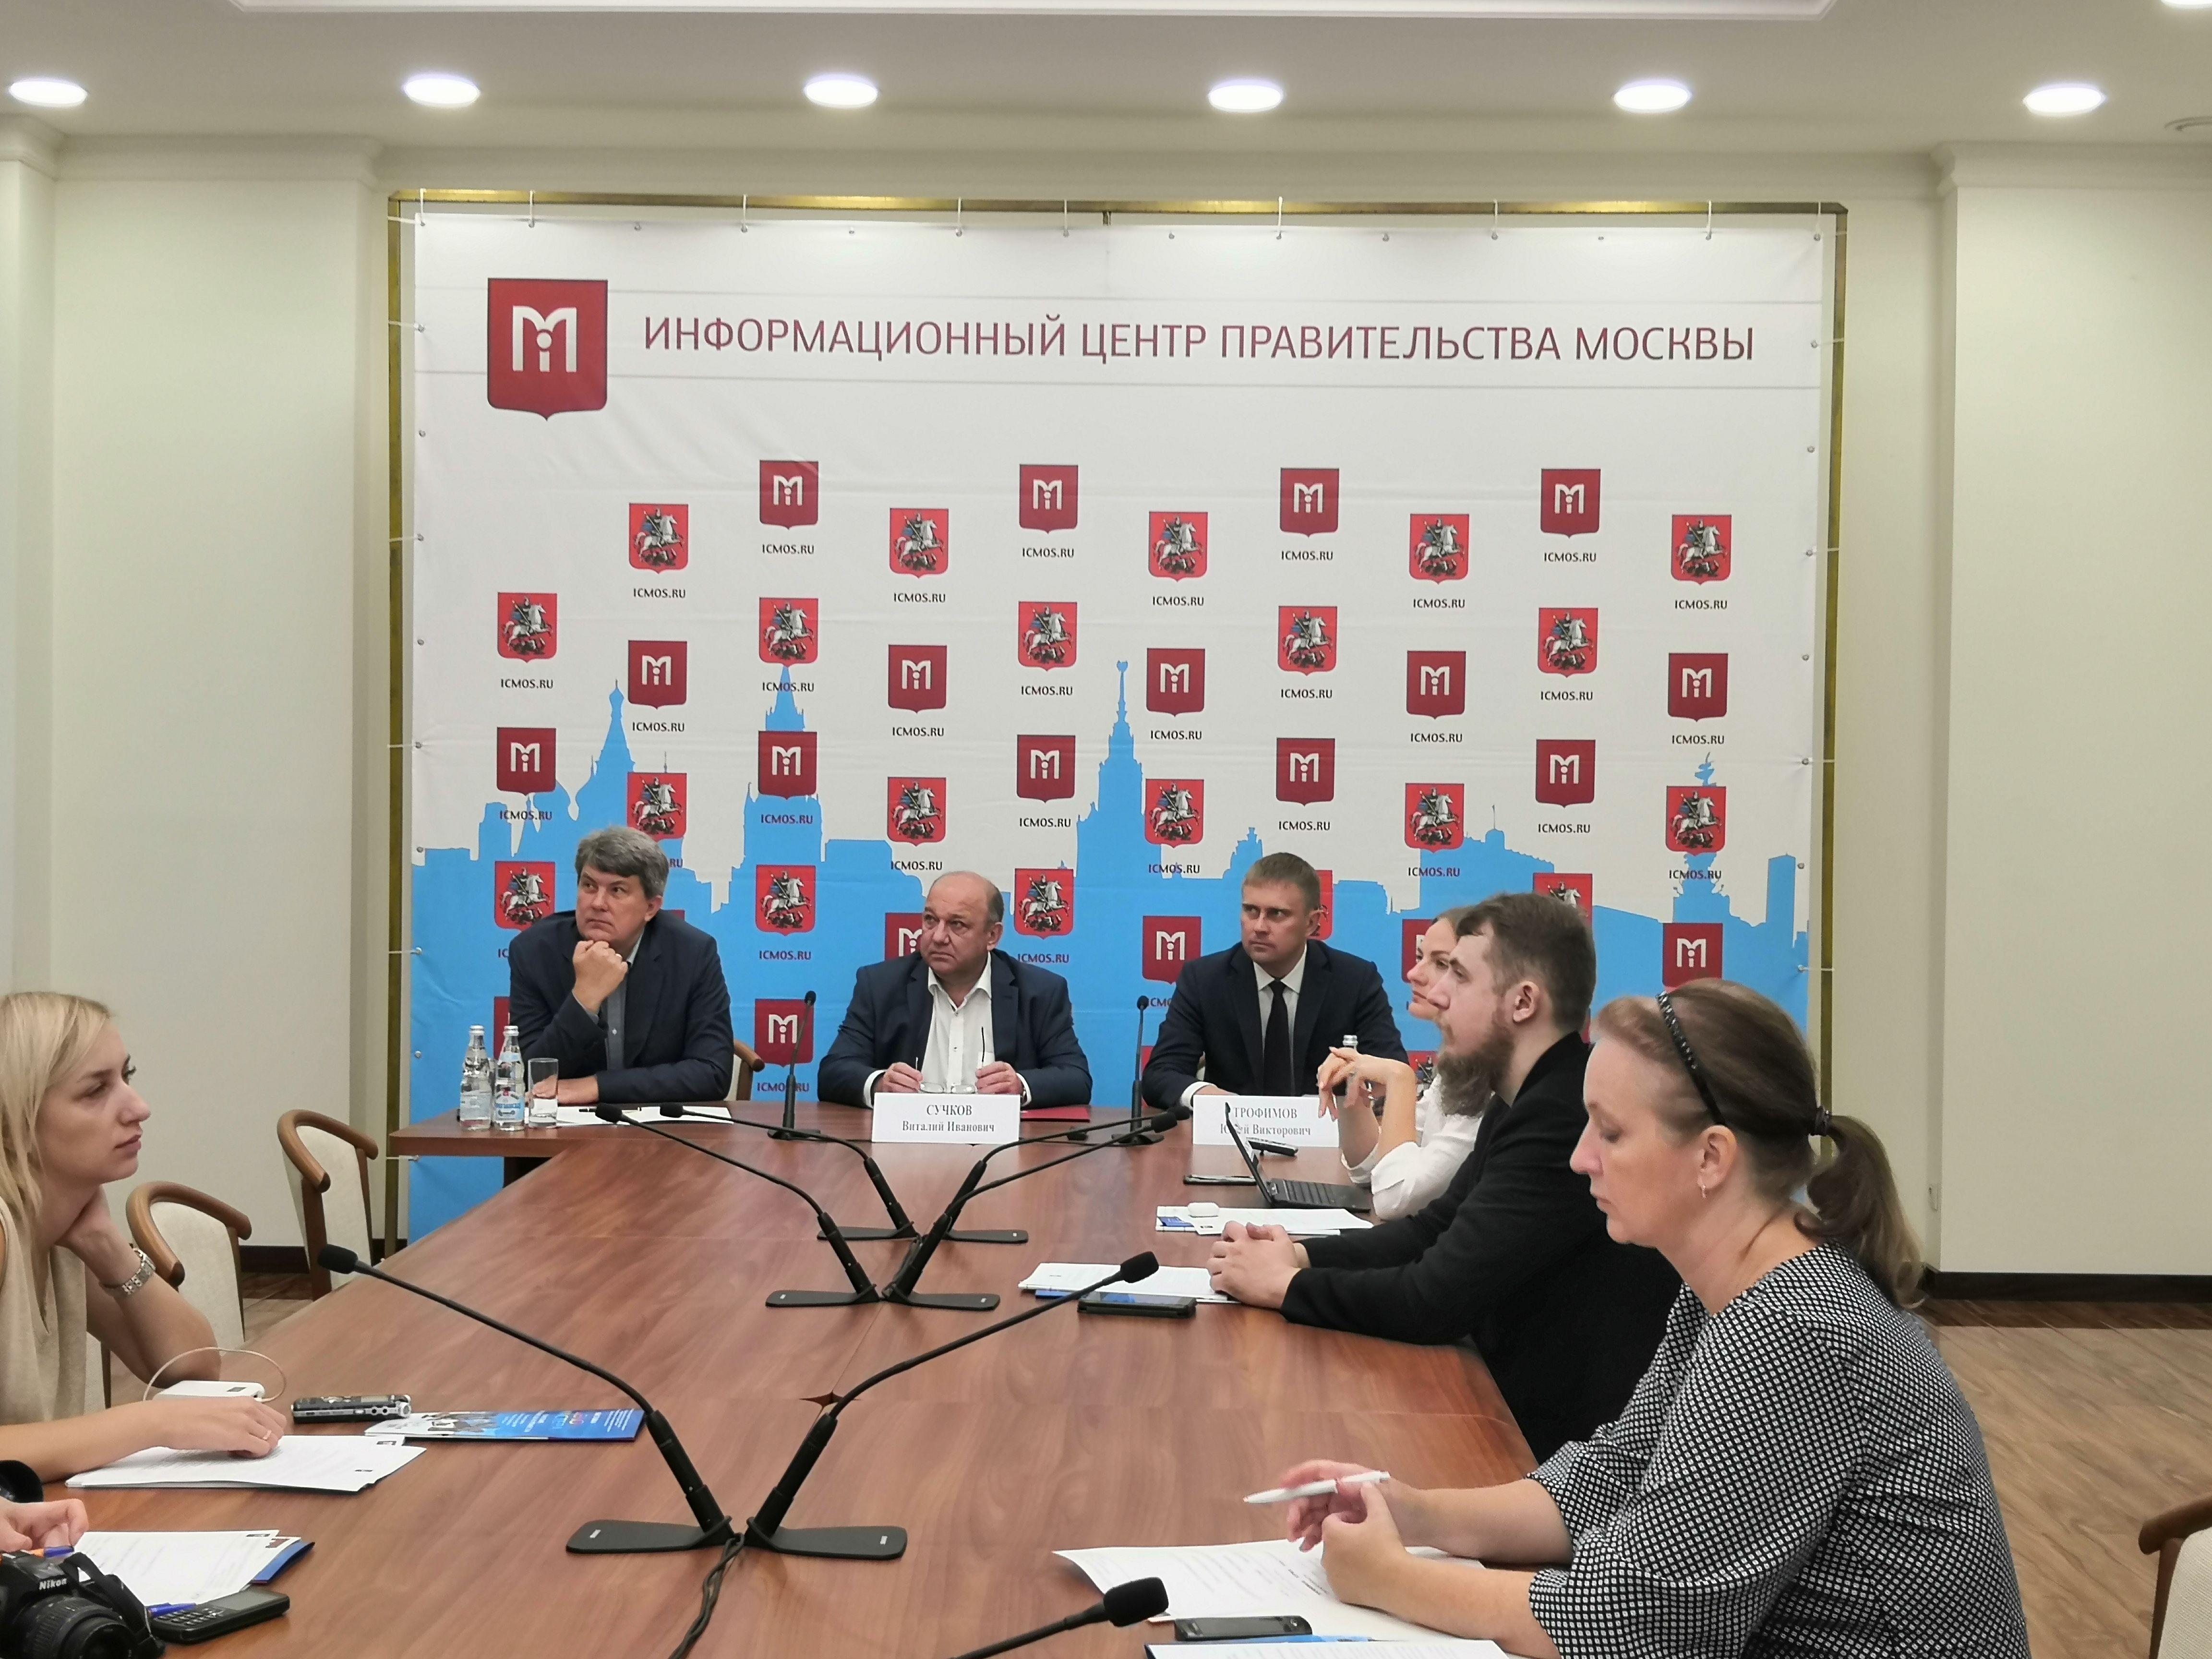 Пресс-конференцию провели в Правительстве Москвы